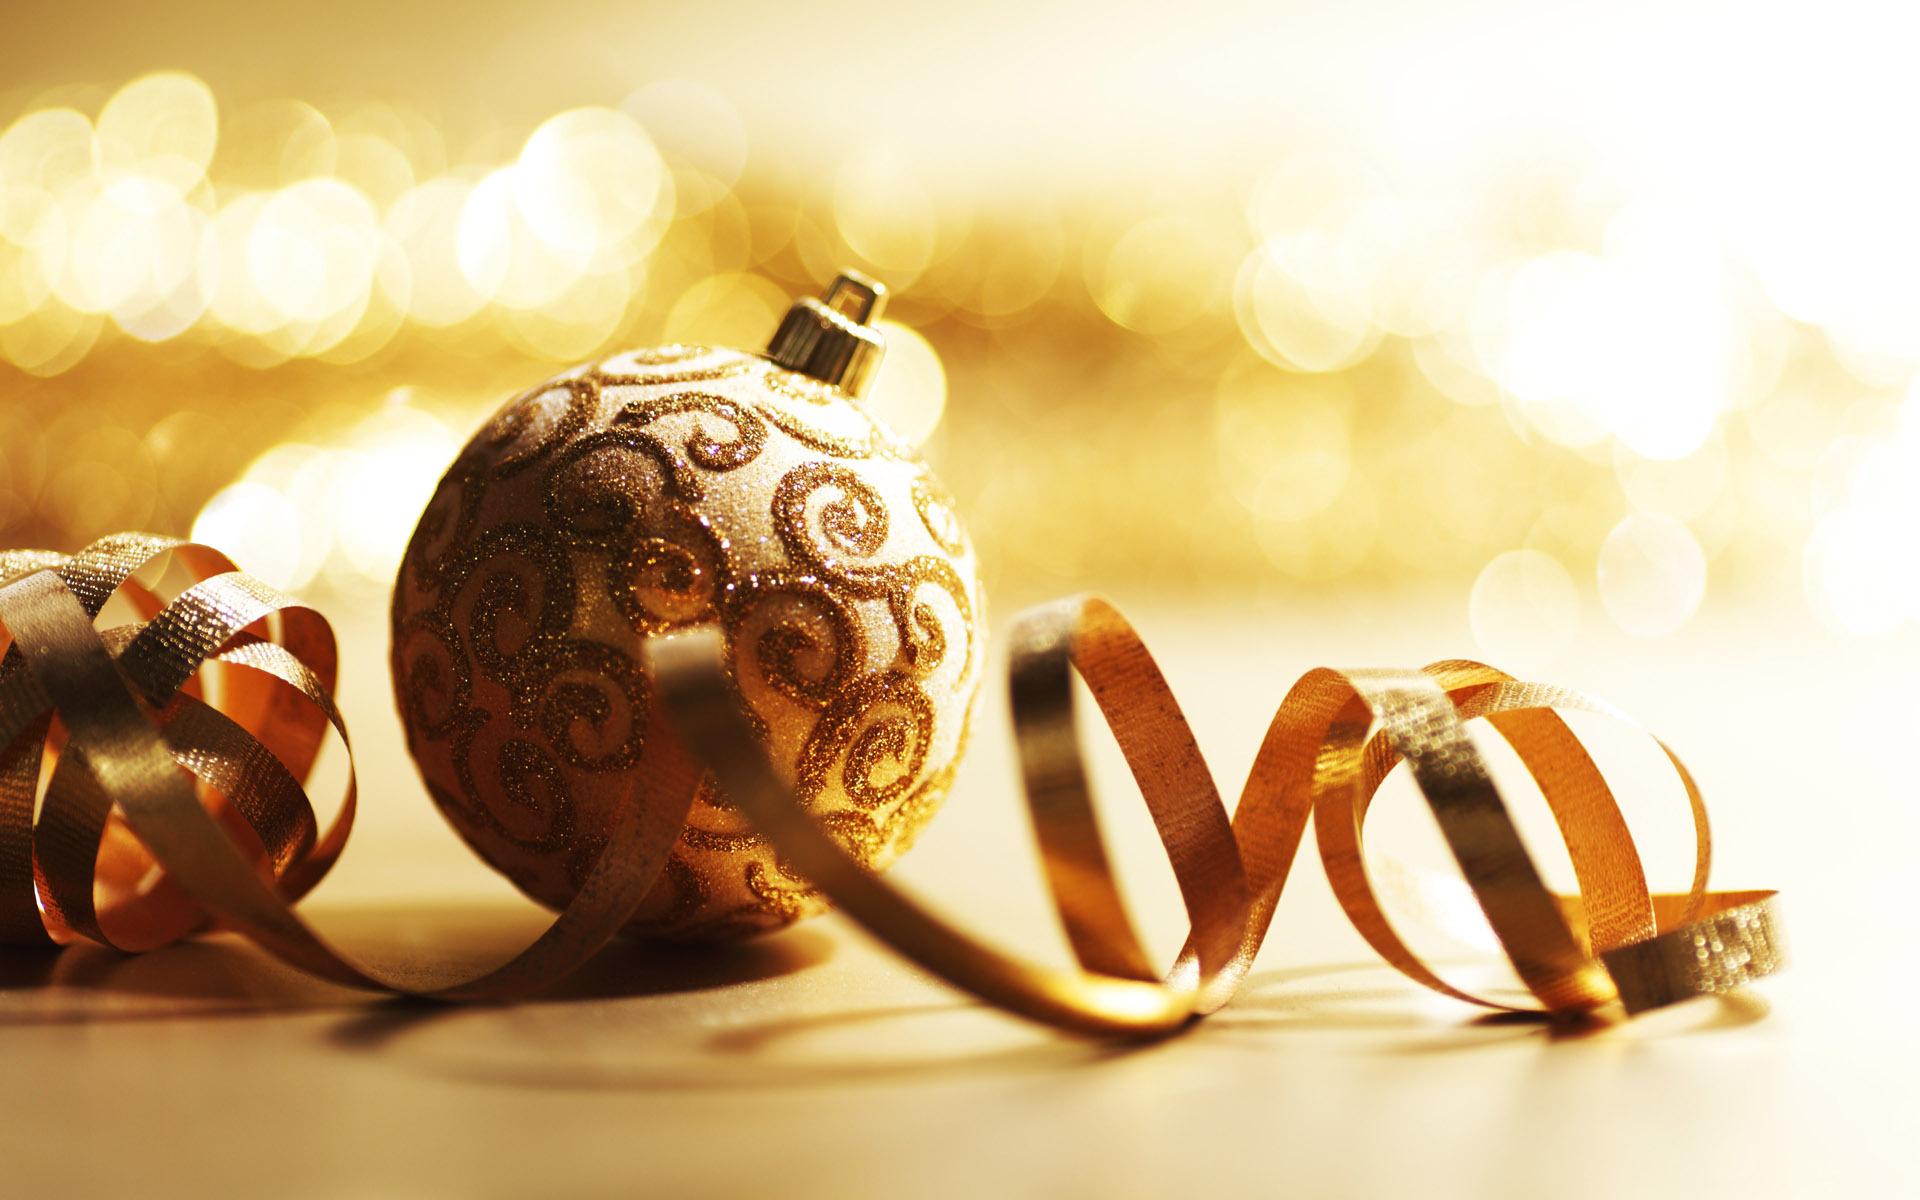 Картинки из шерсти новогодние имеет